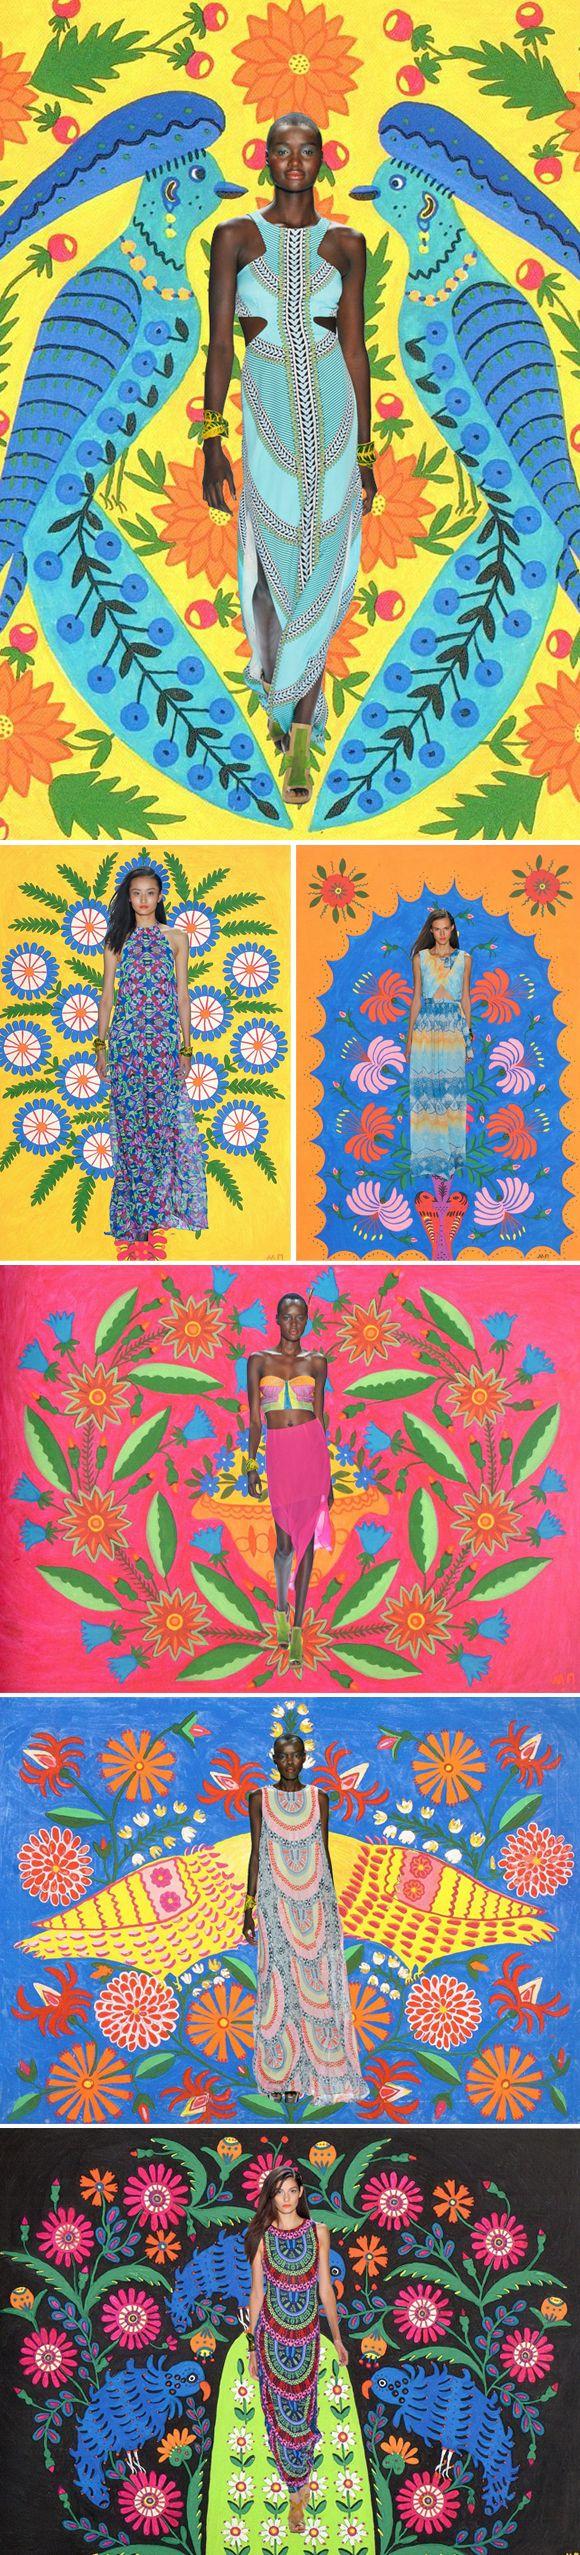 Um verdadeiro achado essa comparação de cores que a Diana, do Miss Moss fez para juntar a linda coleção de primavera 2013 de Mara Hoffman, em colagens com as ilustrações folks e lindas da ucraniana Maria Primachenko. Quando arte e moda andam juntas assim, enche nossos olhos de satisfação e o coração de alegria!